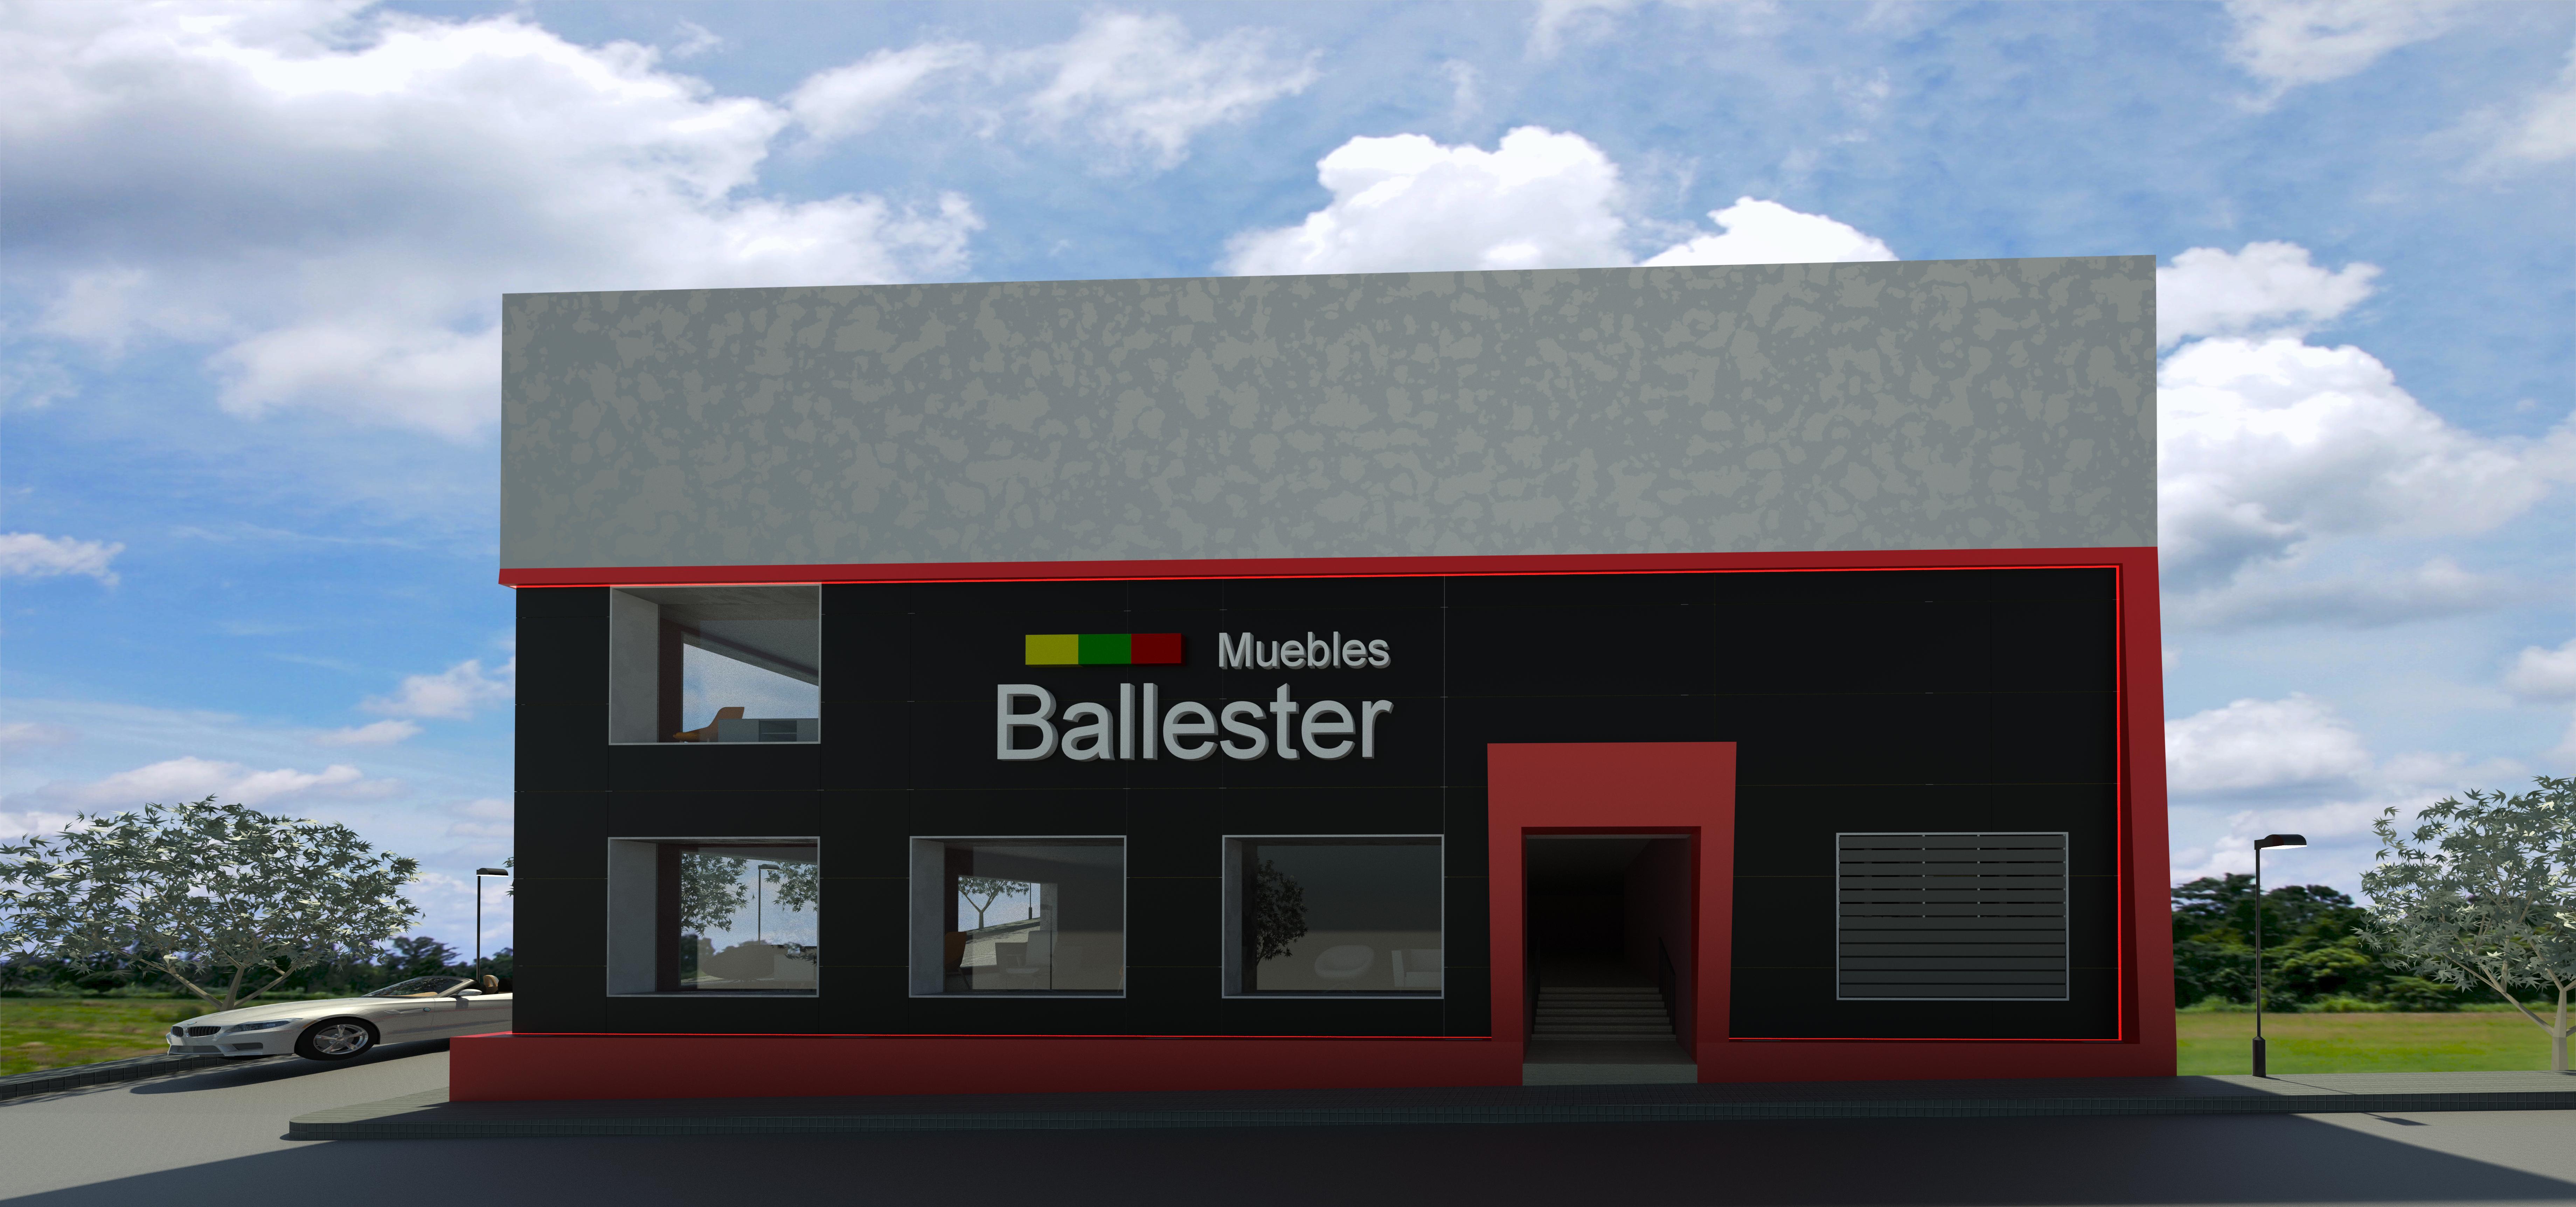 Muebles Ballester Benijofar - Home En Architect88[mjhdah]http://www.mueblesballester.com/en/images/0_4290153_61914.jpg?crc=4073715871